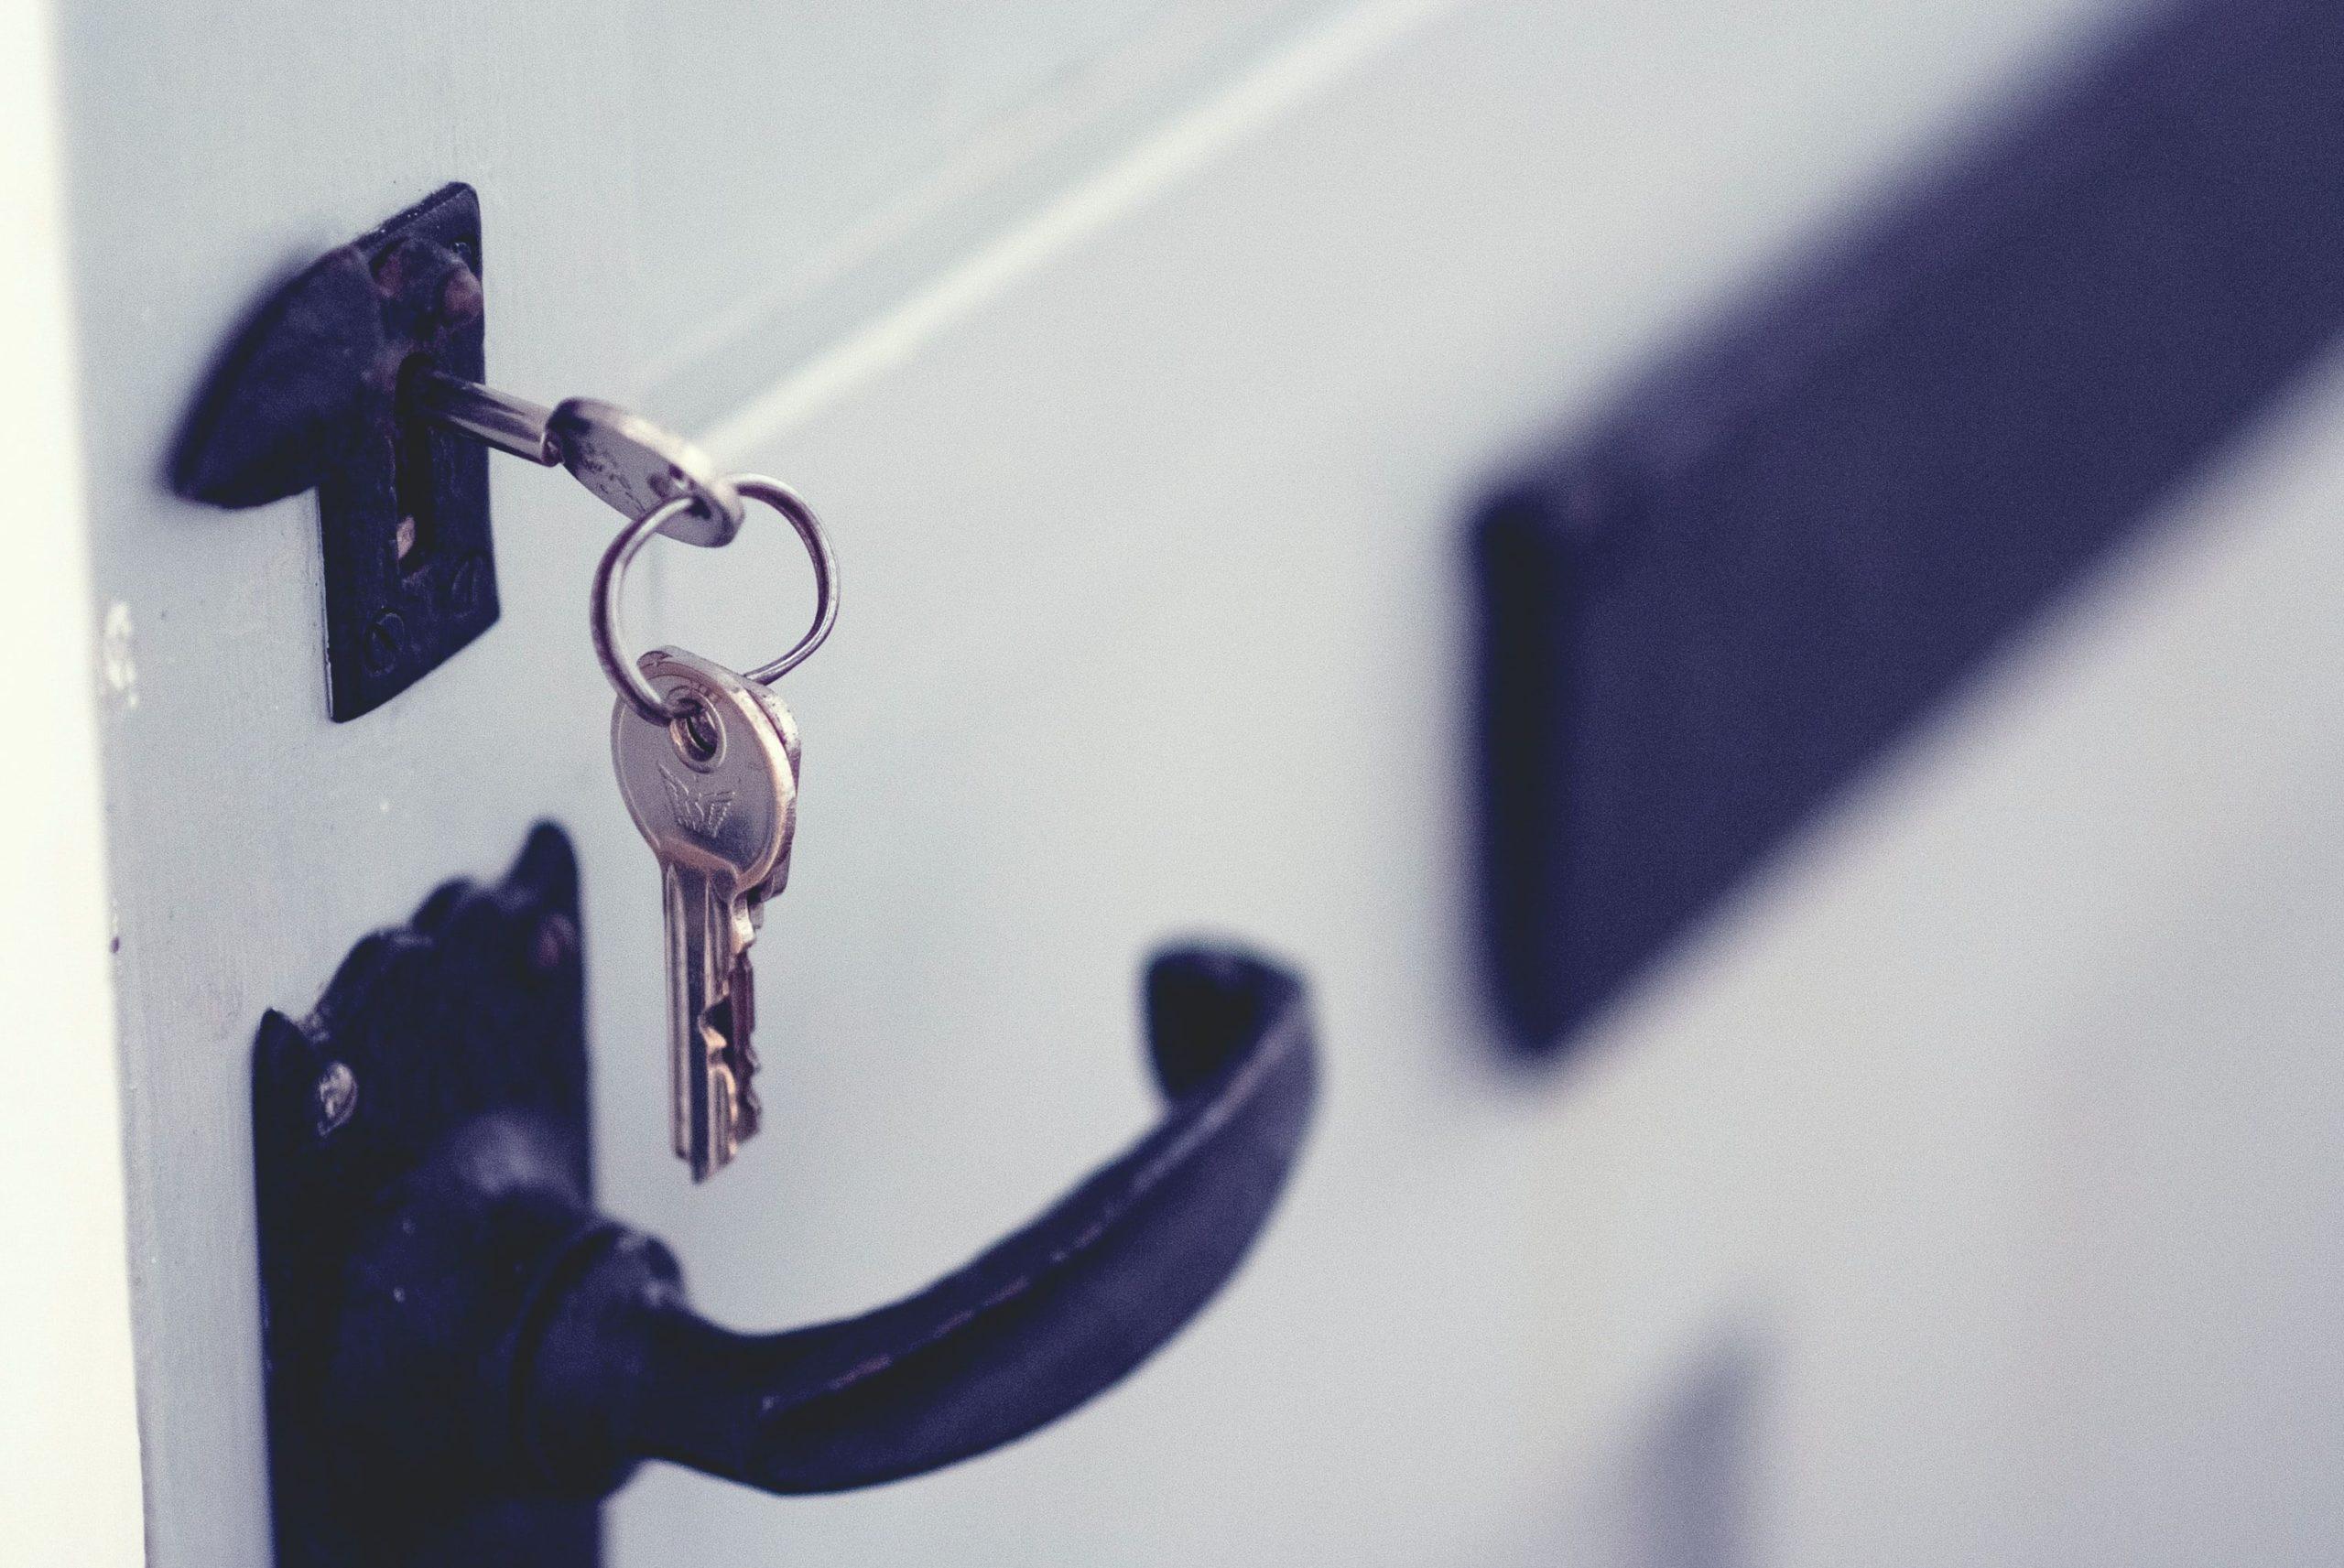 Cómo elegir una cerradura de seguridad para una vivienda: Cerrajero Torrevieja ayuda a elegir la idónea